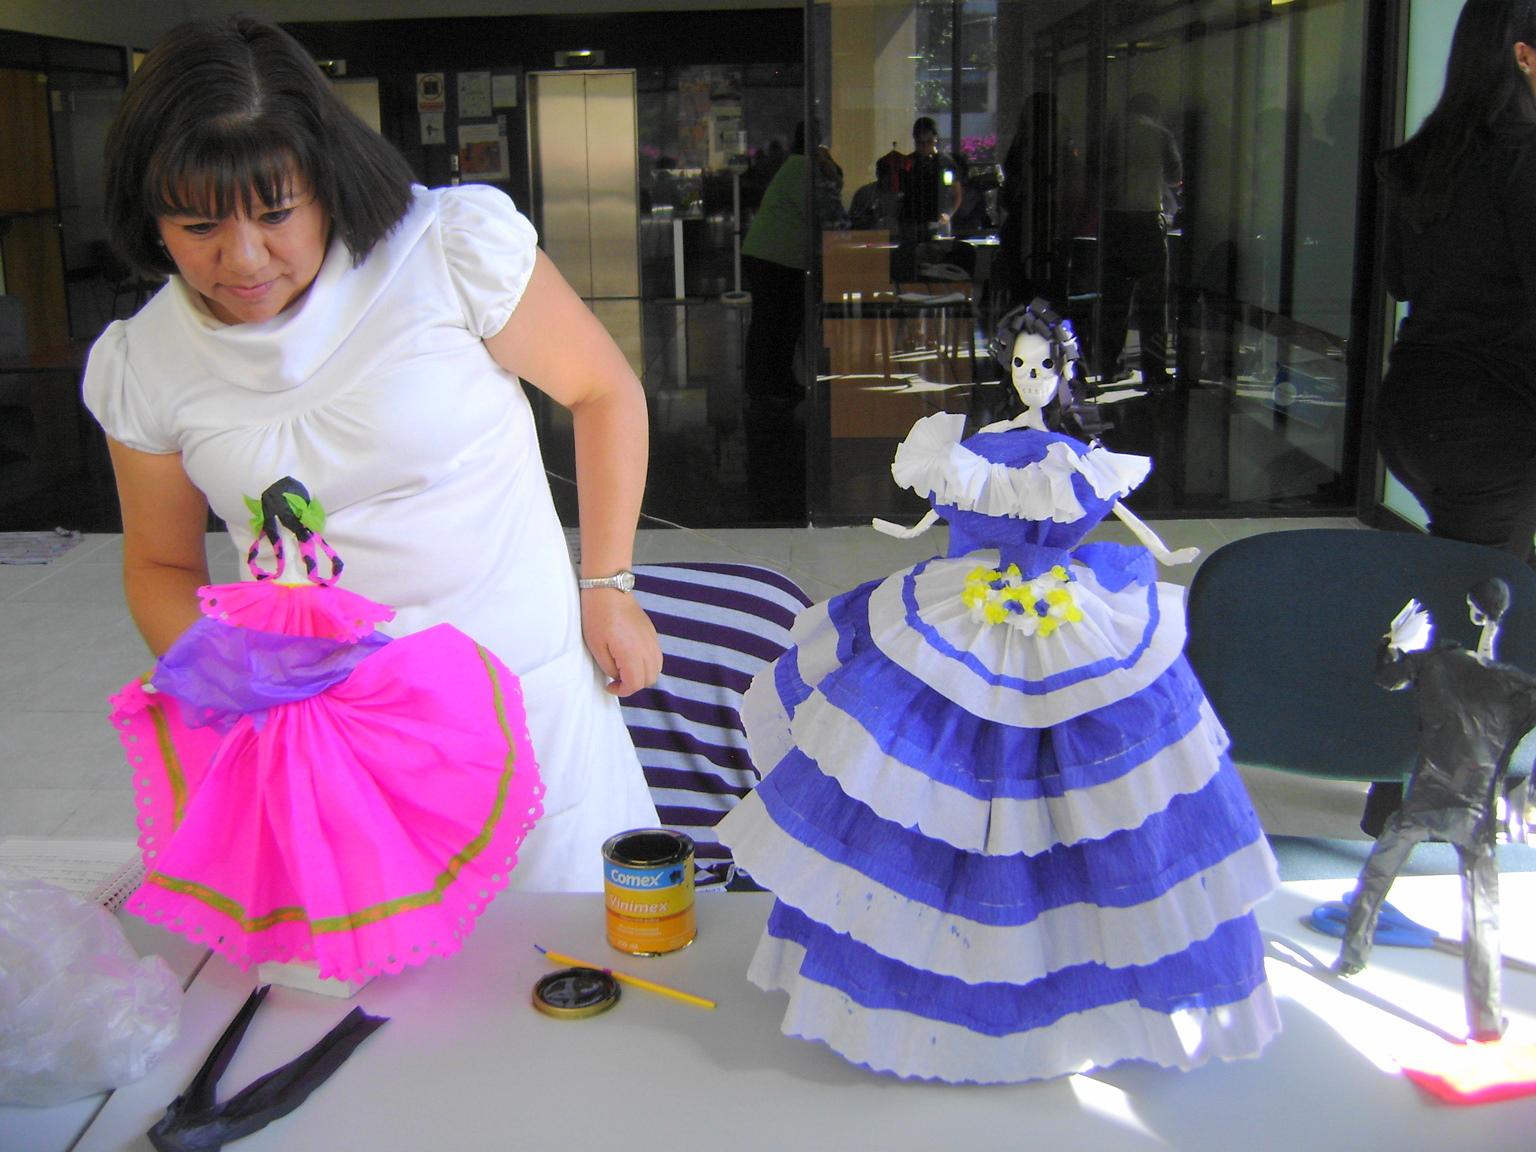 Algunos fueron luchadores renombrados como \u0026quot;La Parca\u0026quot; y otros se decidieron por campesinas, o lindas princesas, de papel crepé y china en brillantes colores